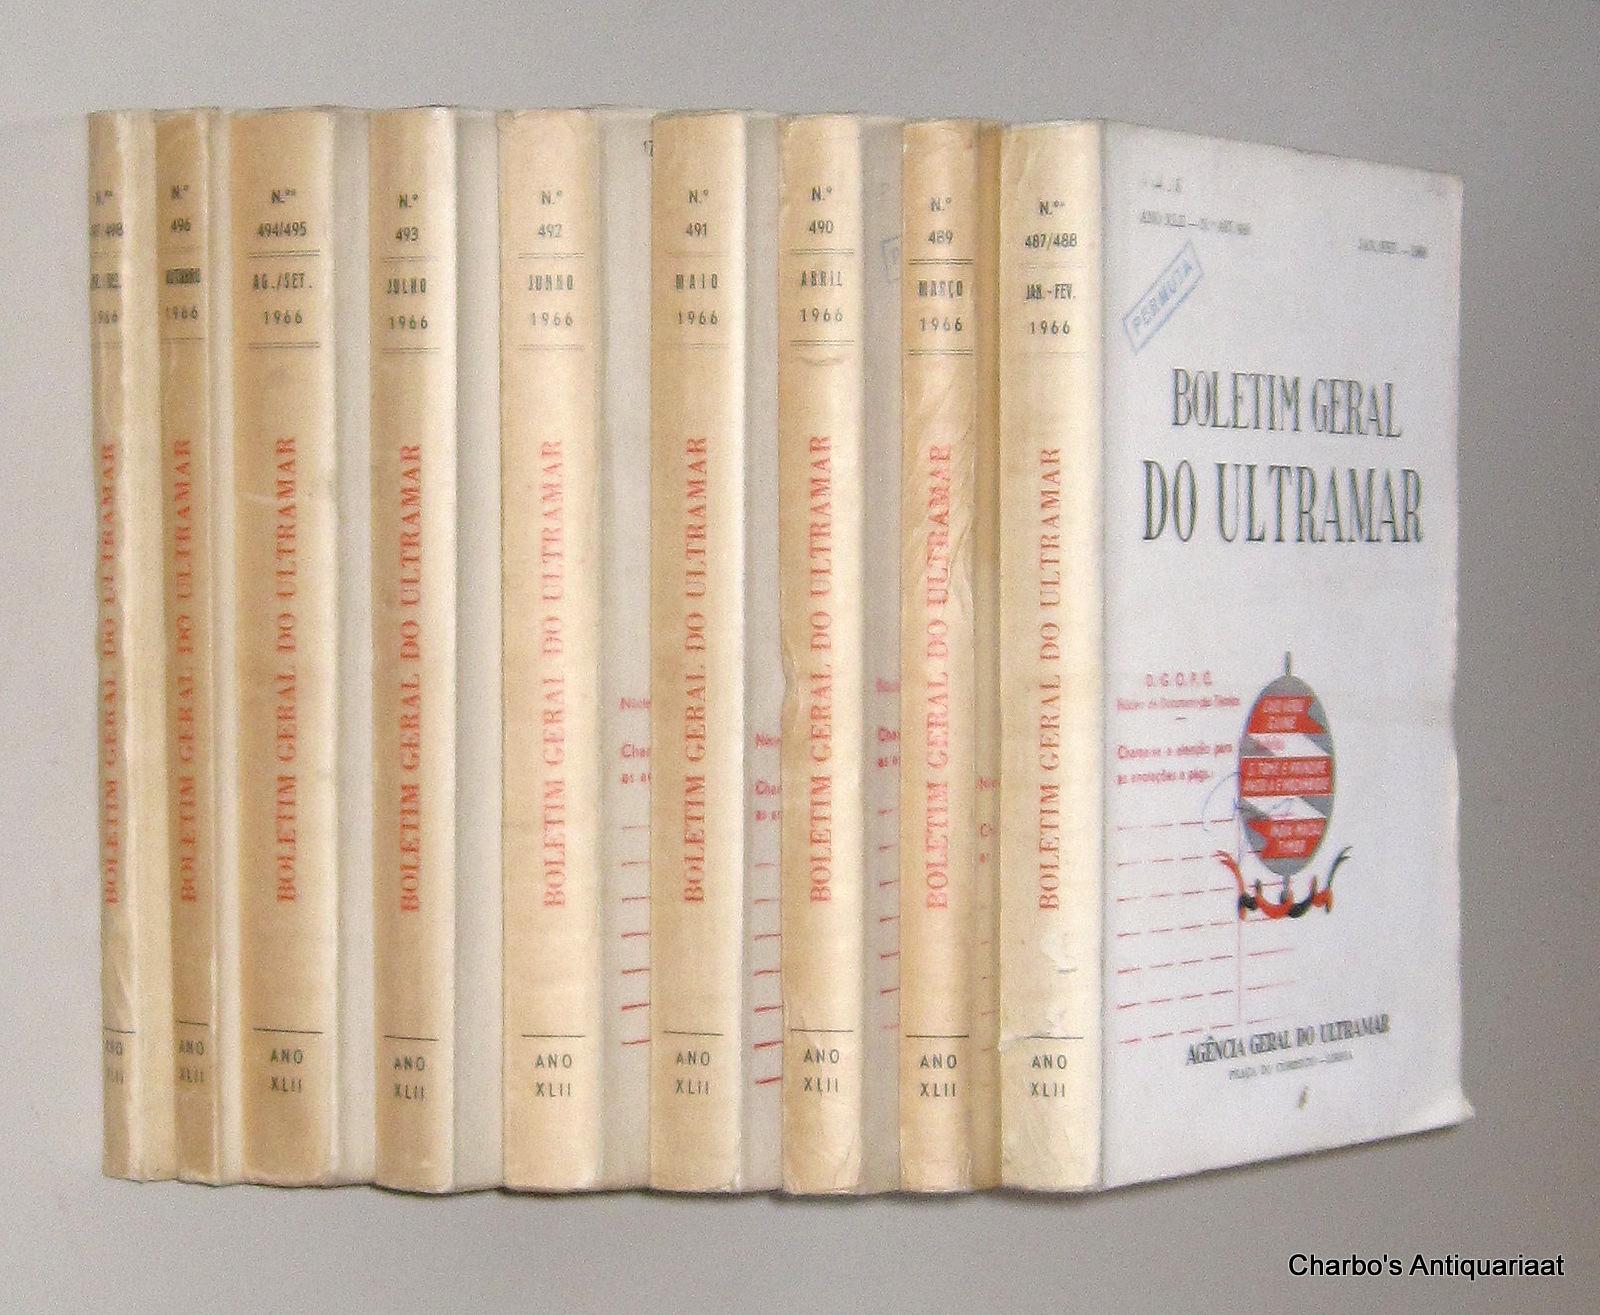 AGENCIA GERAL DO ULTRAMAR, -  Boletim Geral do Ultramar, ano XLII No. 487, Janeiro - No. 498, Dezembro 1966.